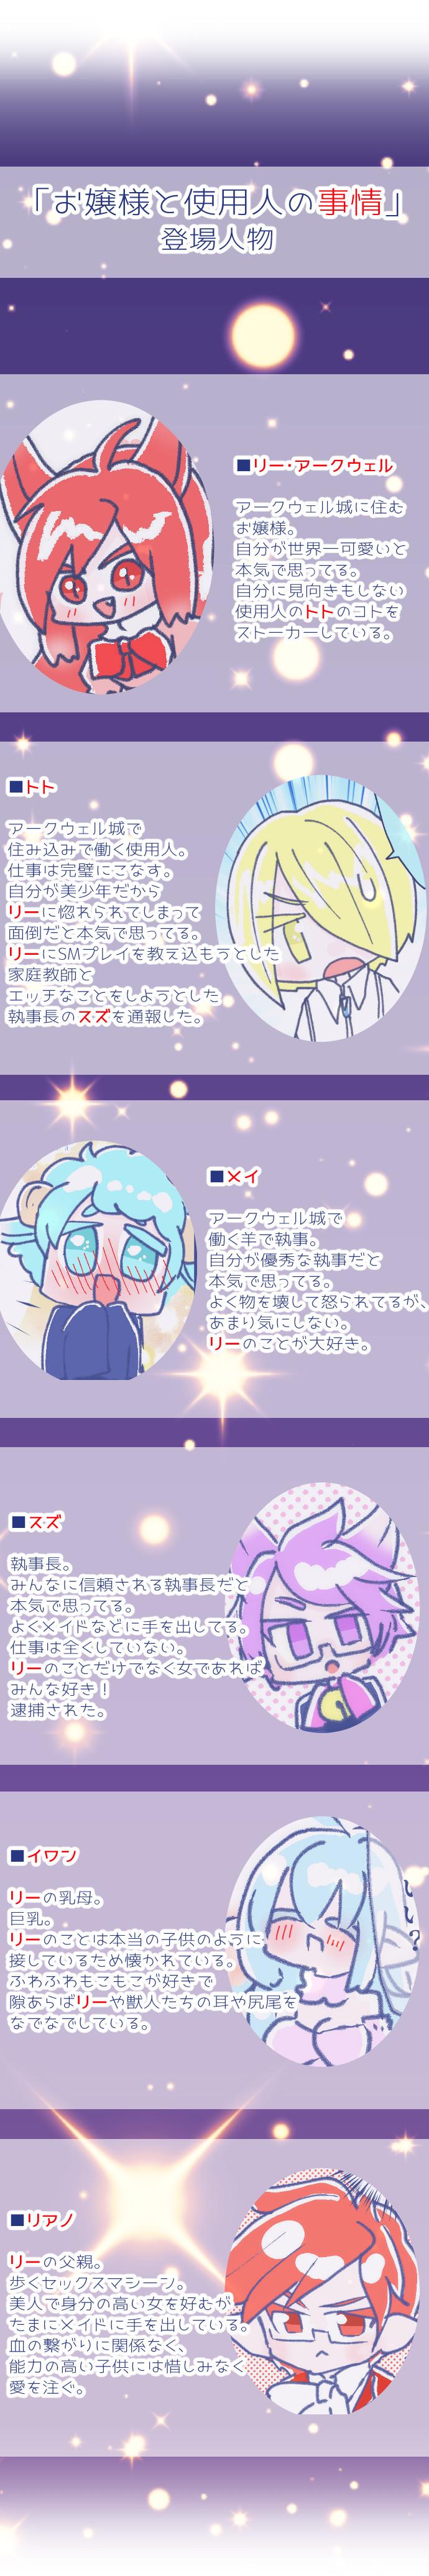 f:id:futagosiroan:20181211210752j:image